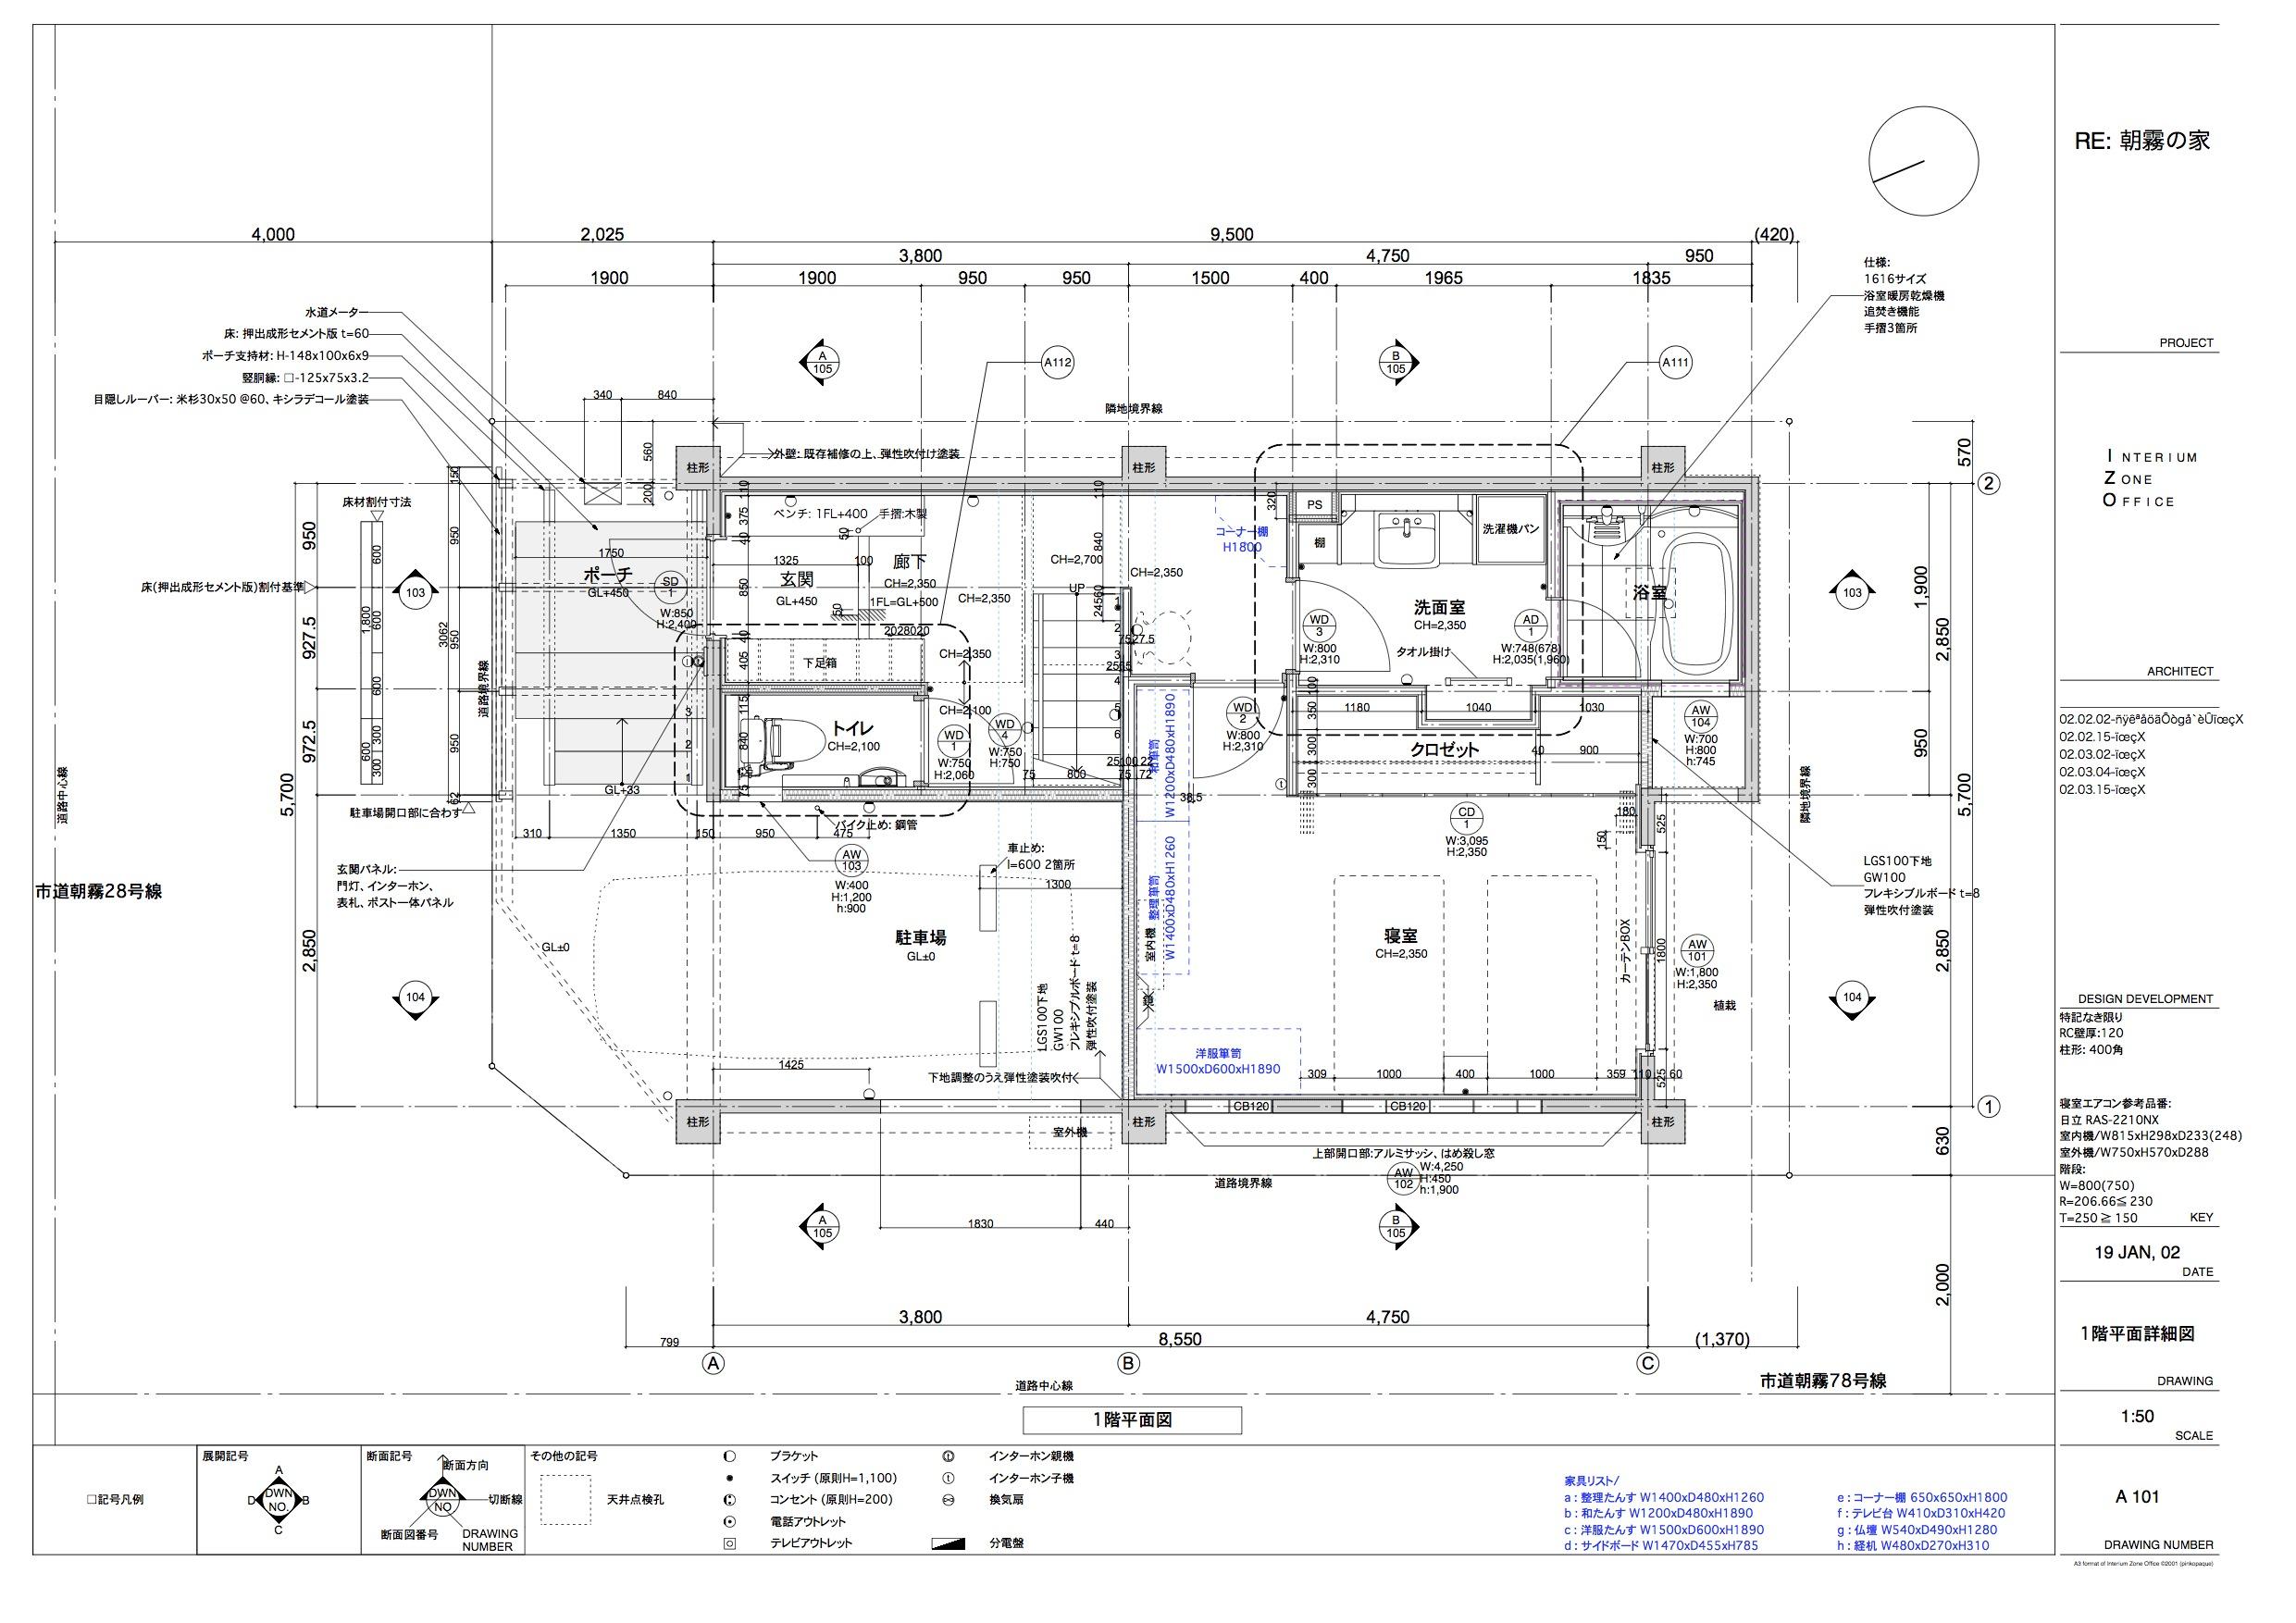 RE: 朝霧の家|Phase 3:実施設計